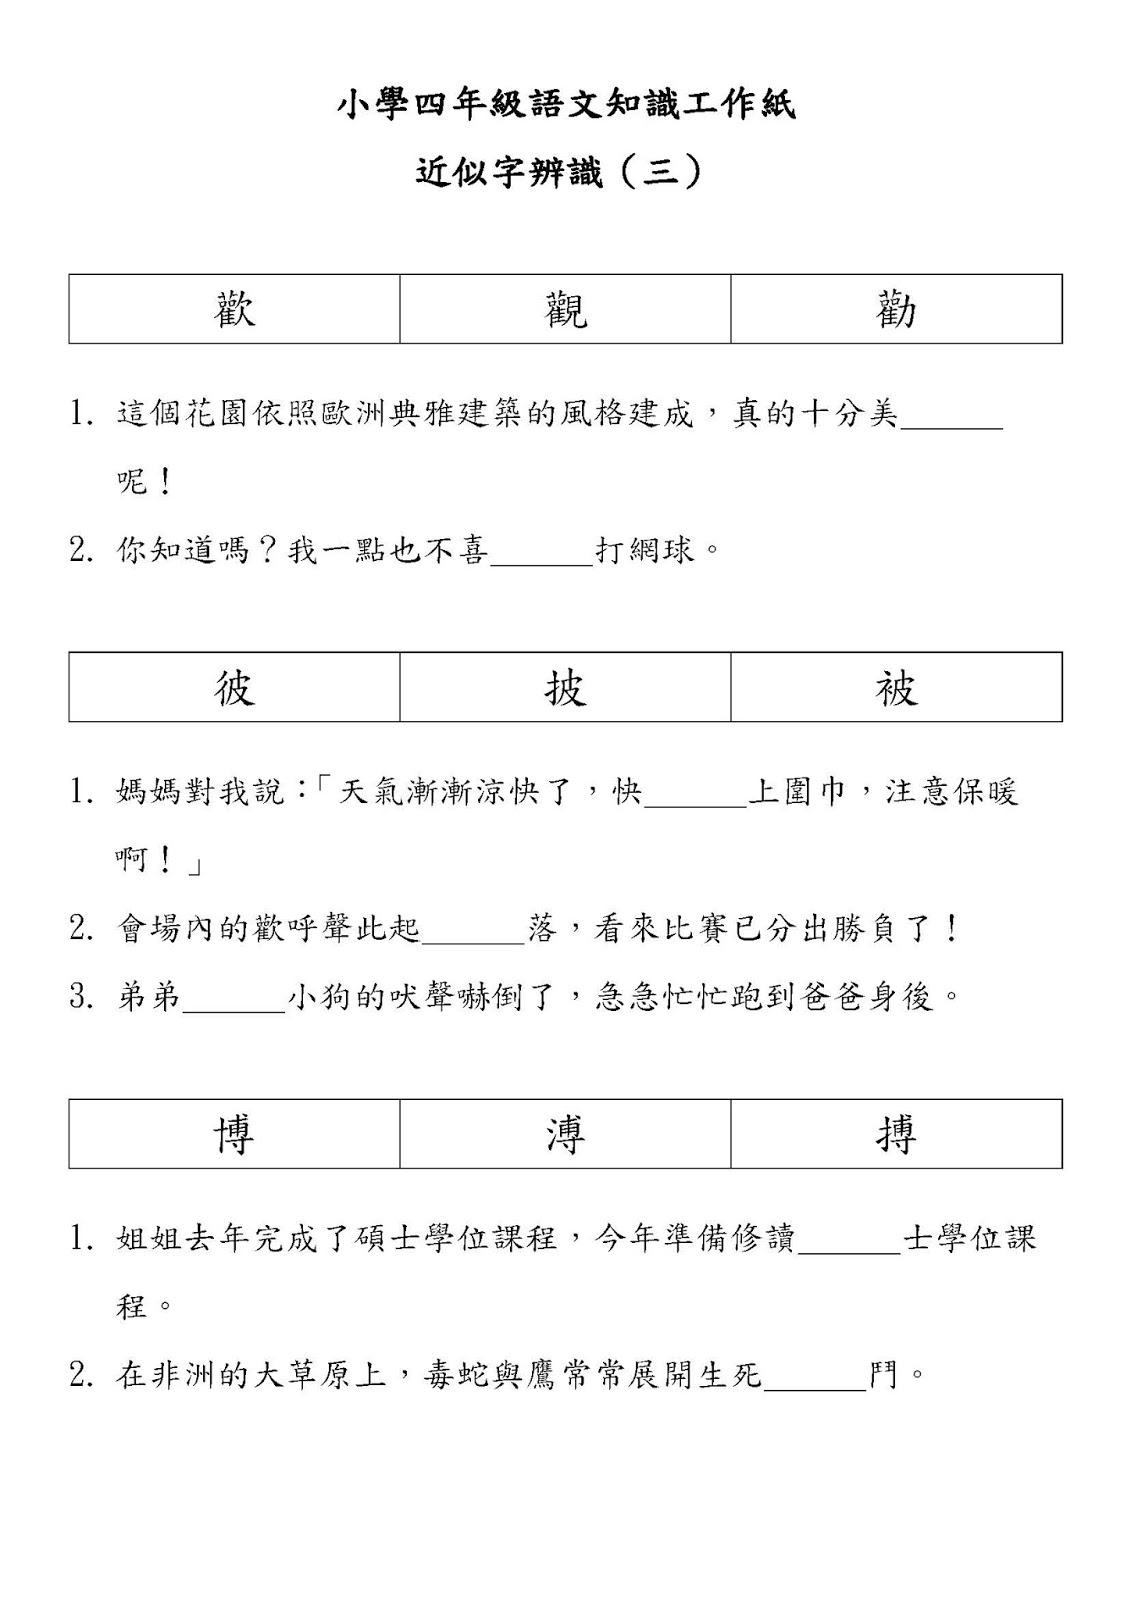 小四語文知識工作紙:近似字辨識(三)|中文工作紙|尤莉姐姐的反轉學堂